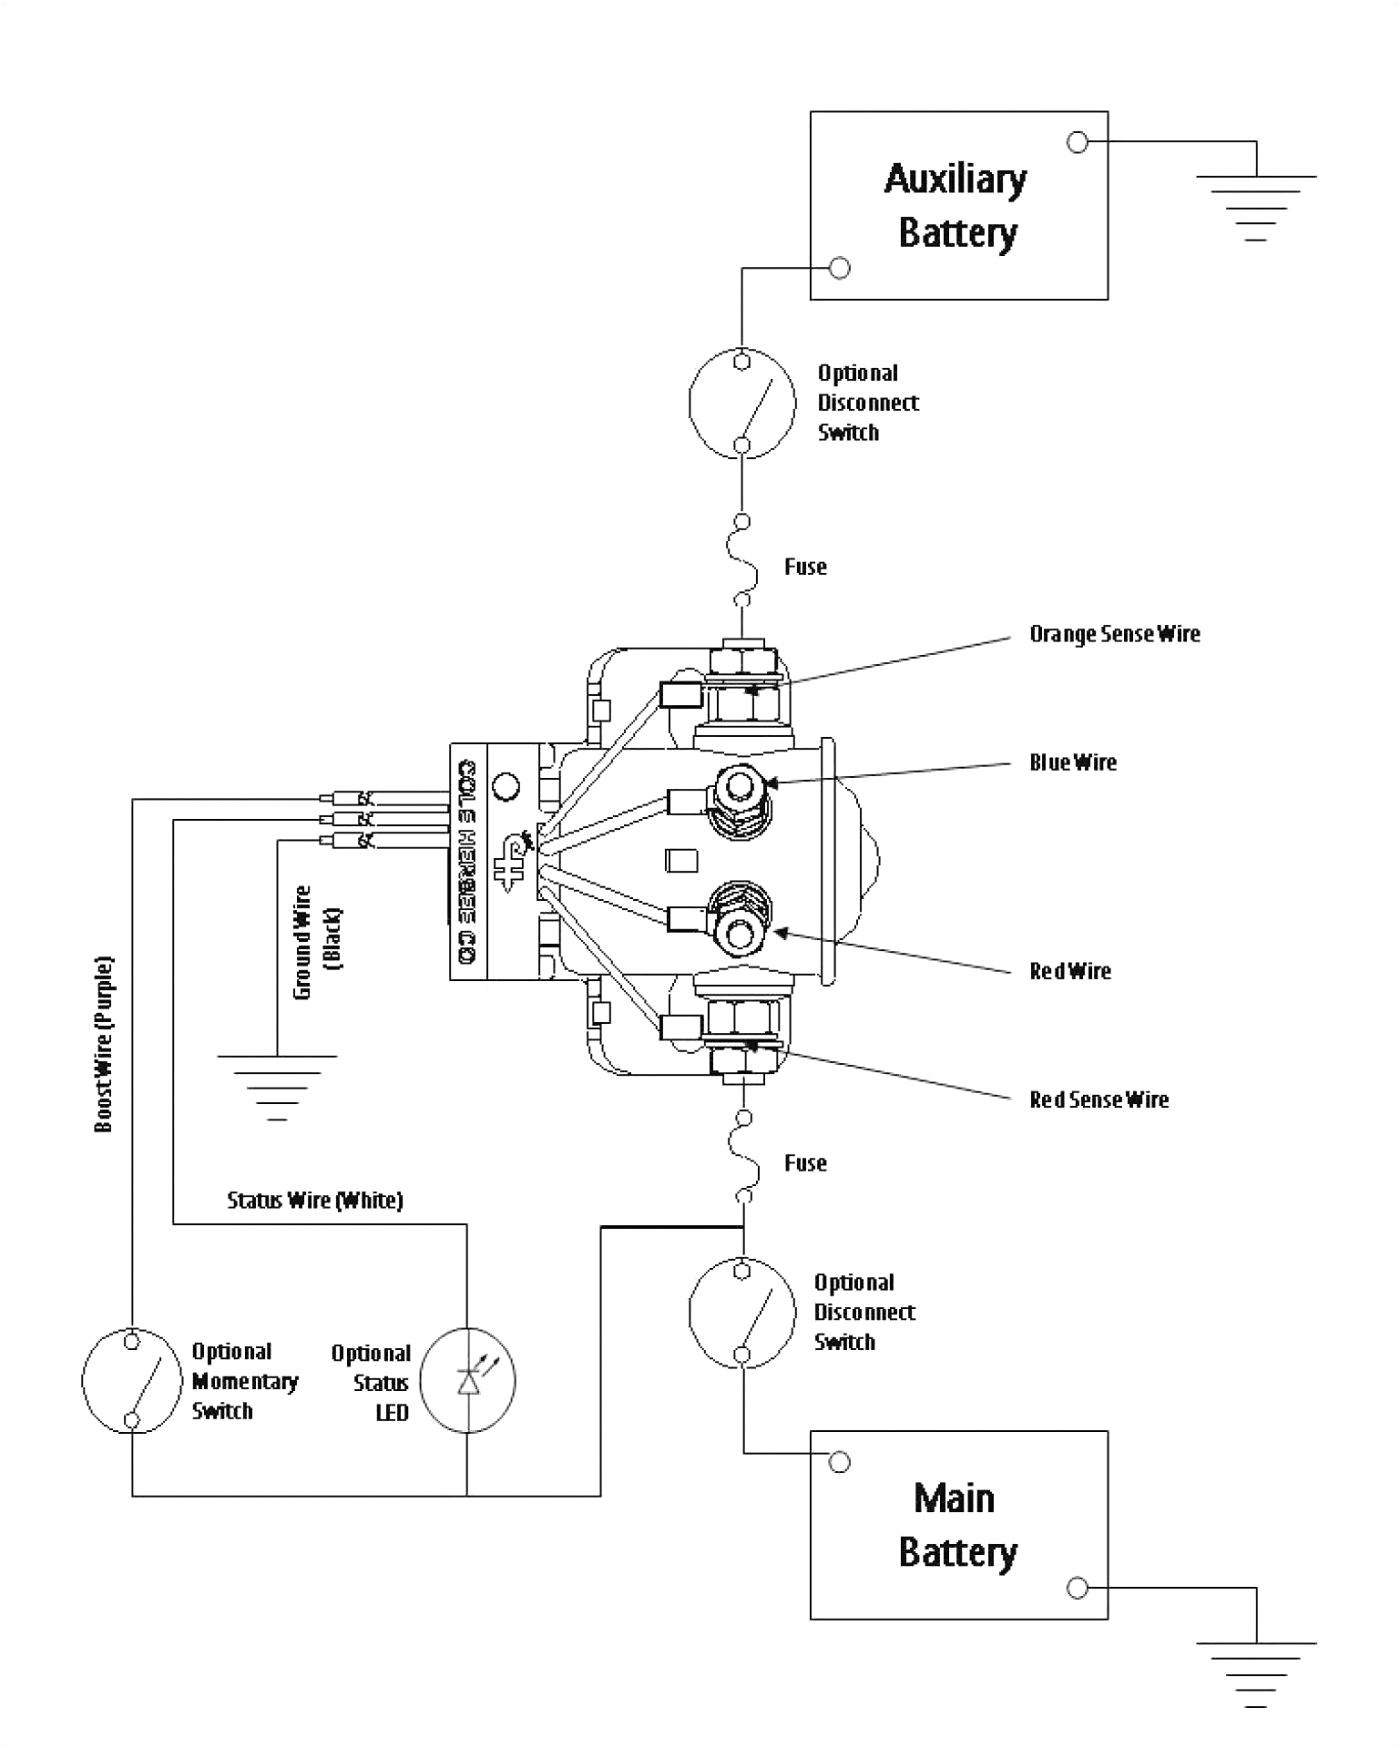 western plow solenoid wiring diagram wiring diagram name western snow plow solenoid wiring